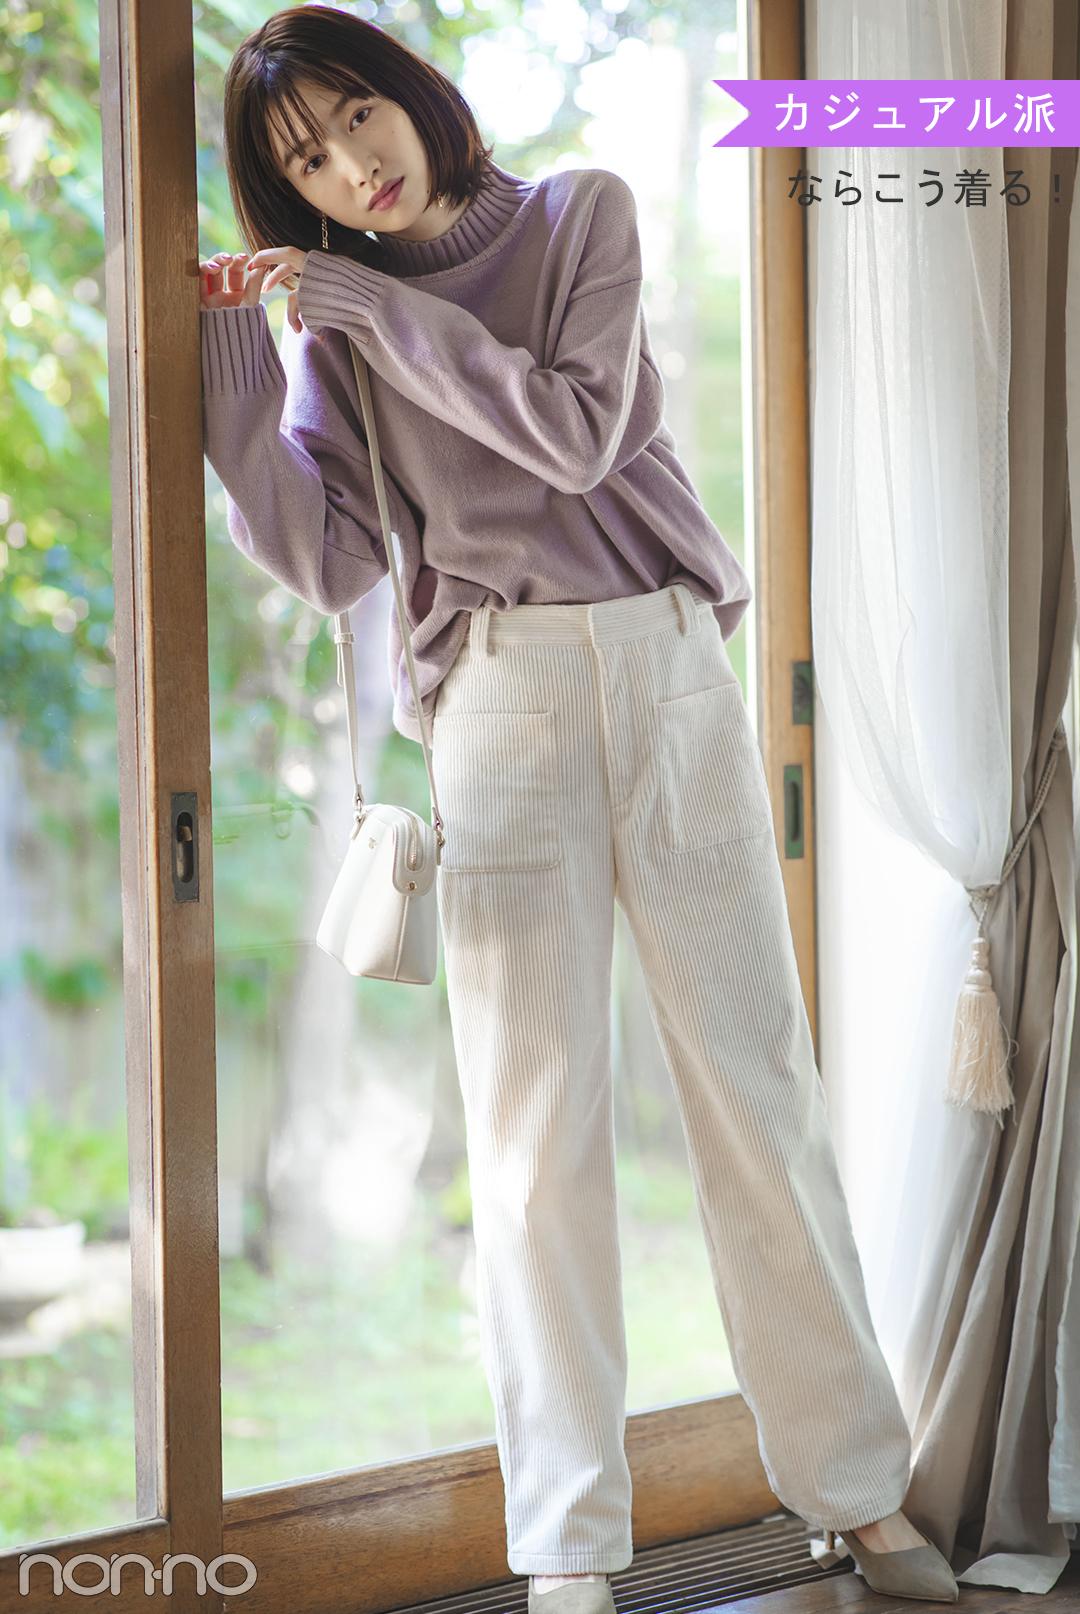 大人っぽい女らしさを盛れる 甘さ控えめな淡いラベンダー  カジュアル派ならこう着る!